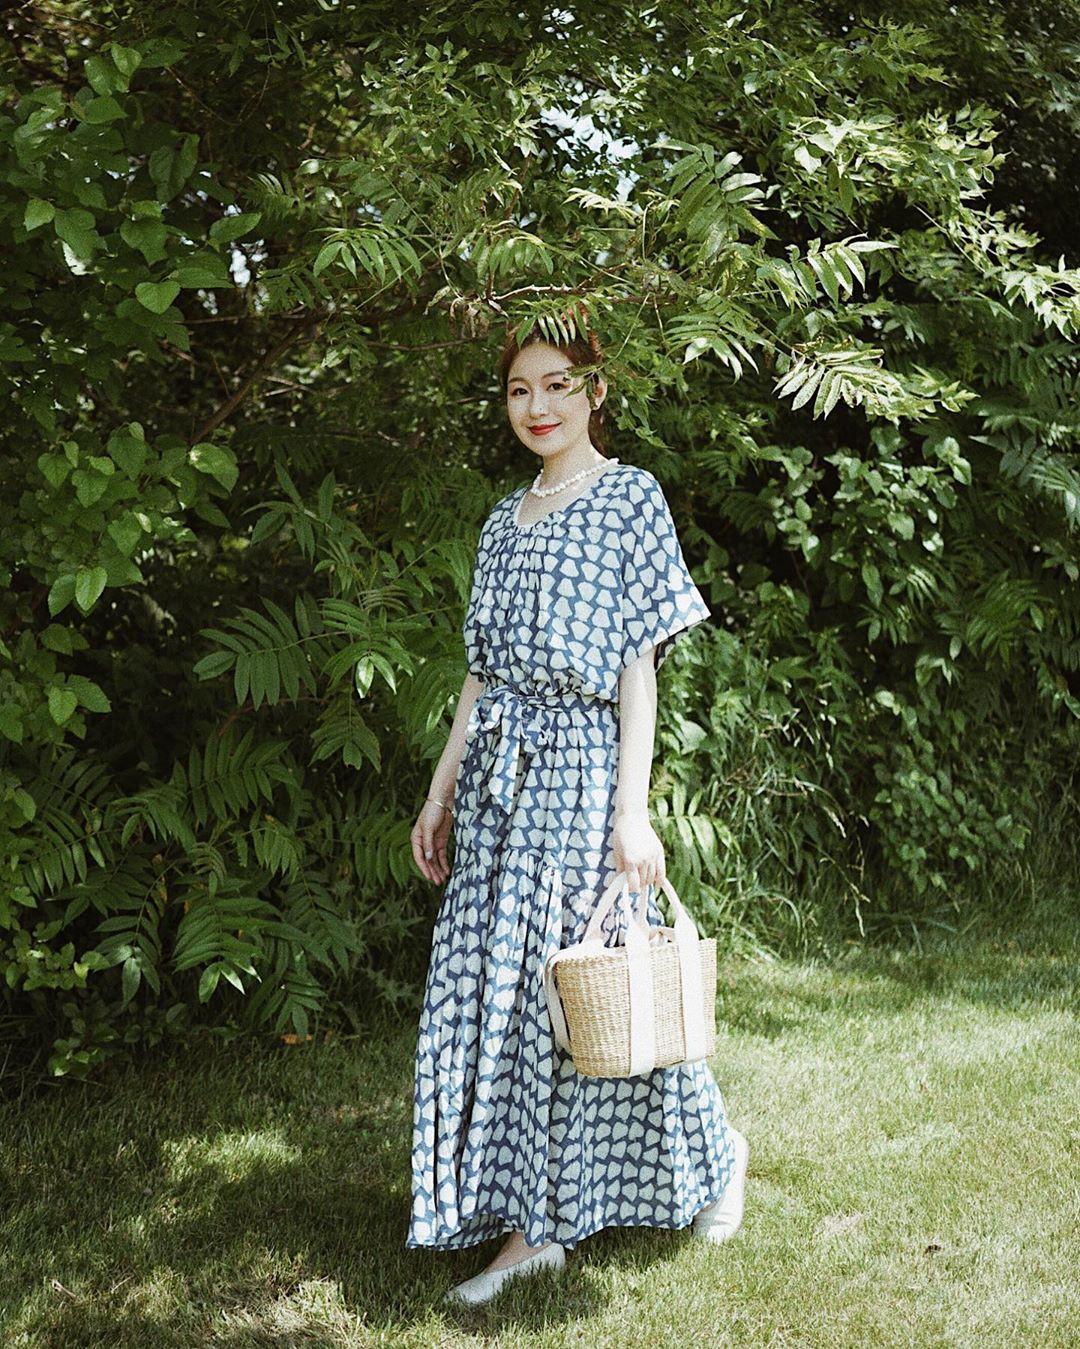 Bỗng thấy không kiểu váy nào vượt qua được váy dáng dài về độ sang chảnh, yêu kiều và hợp rơ với tiết trời se lạnh - Ảnh 15